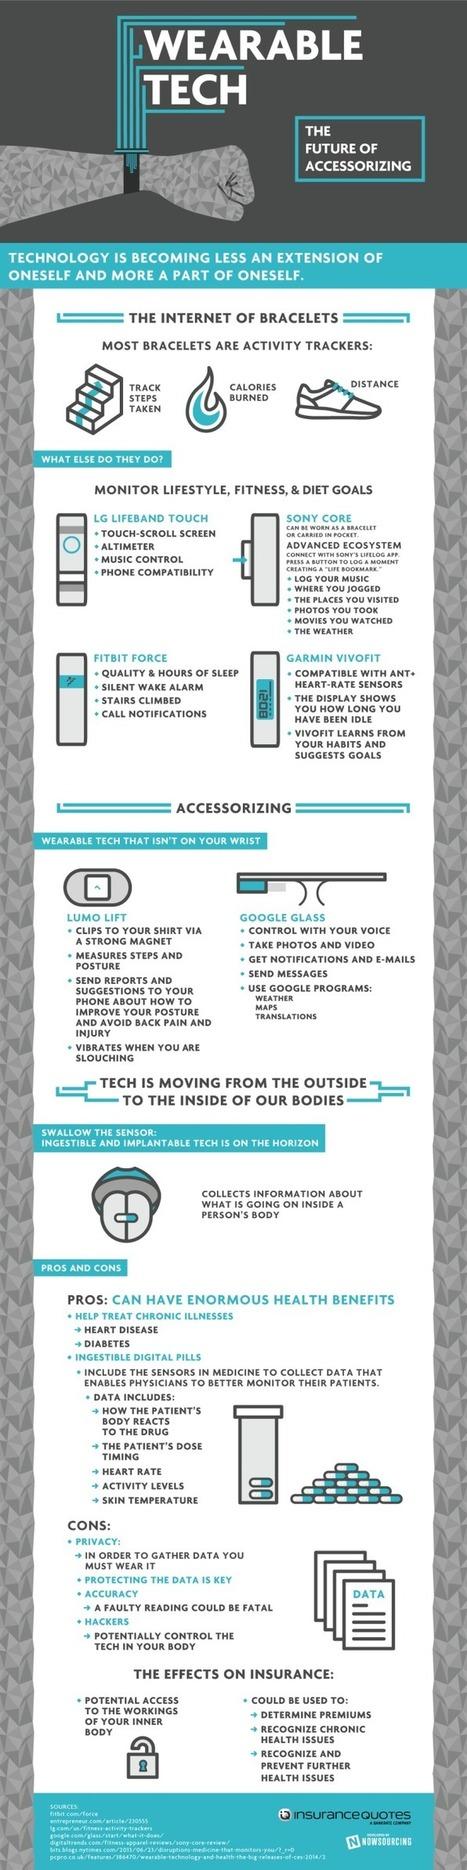 Tecnología wearable y salud infografia-infographic - TICs y Formación | Tecnología y Empresa | Scoop.it